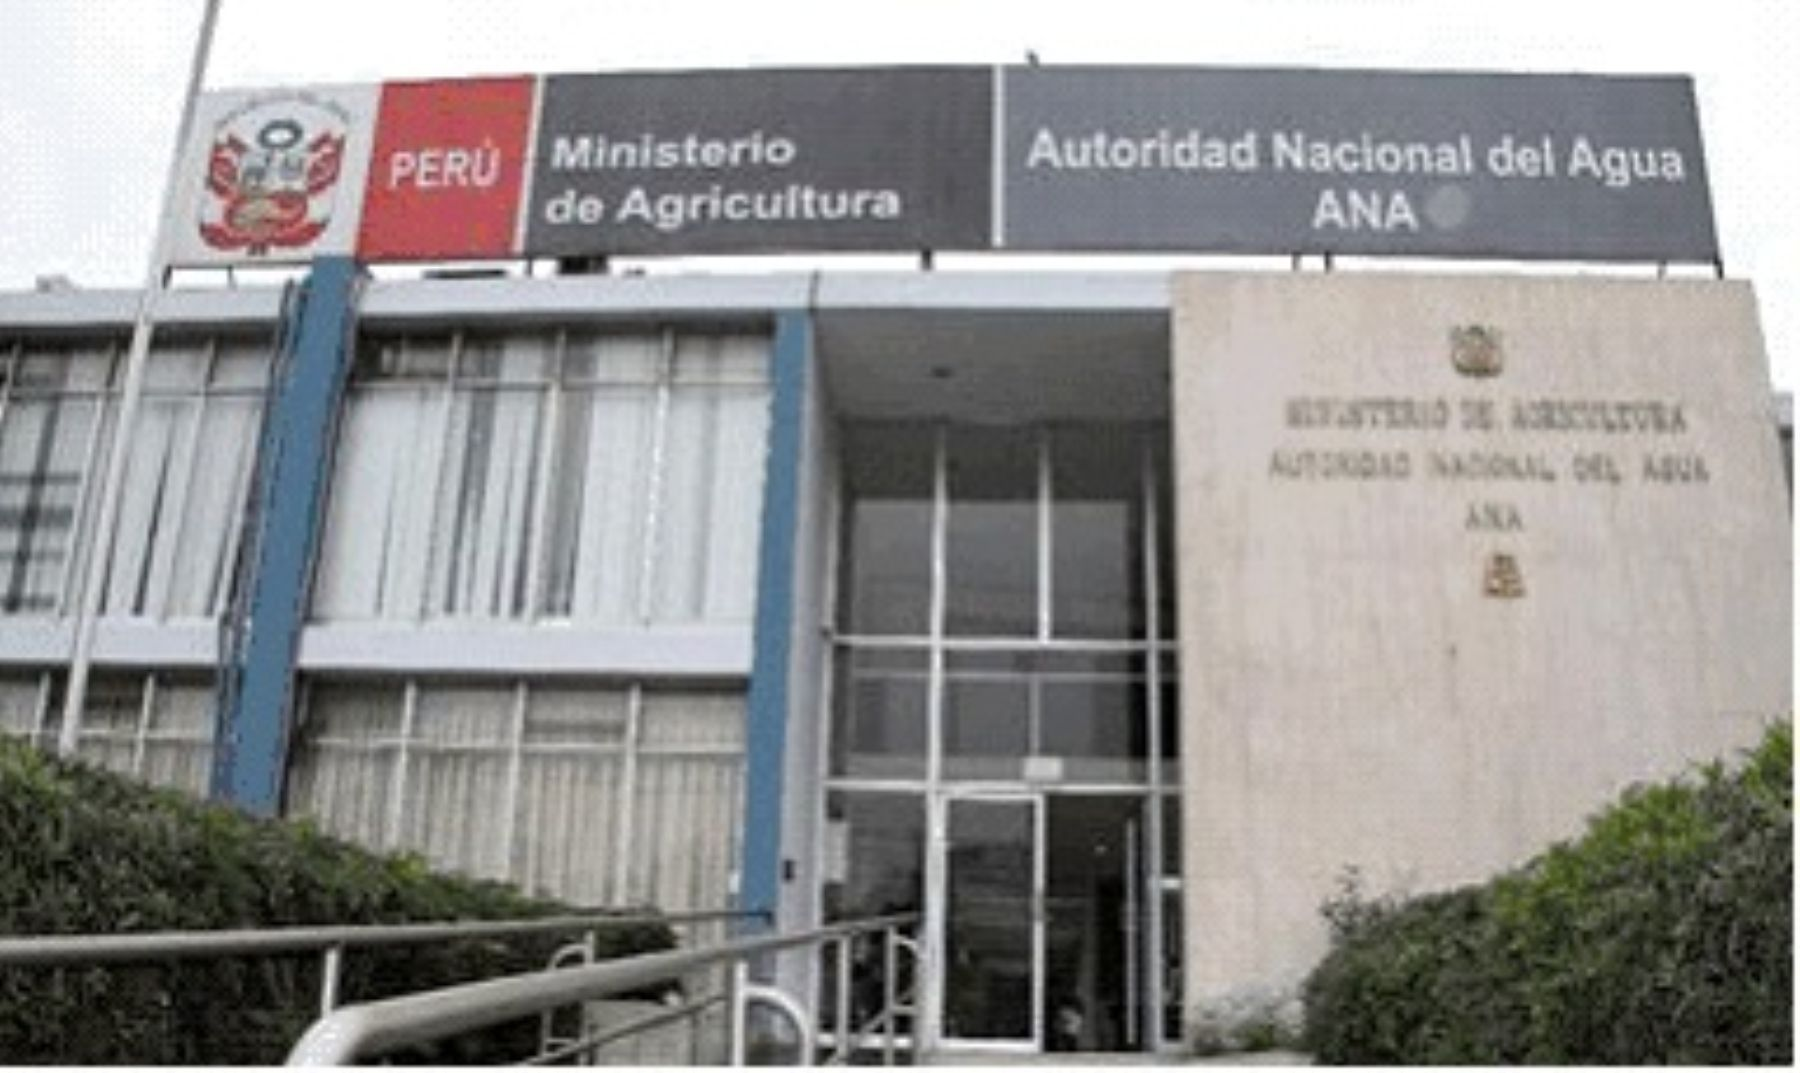 Contraloría General de la República designa a jefes de control interno en tres municipios de Piura. ANDINA/Difusión